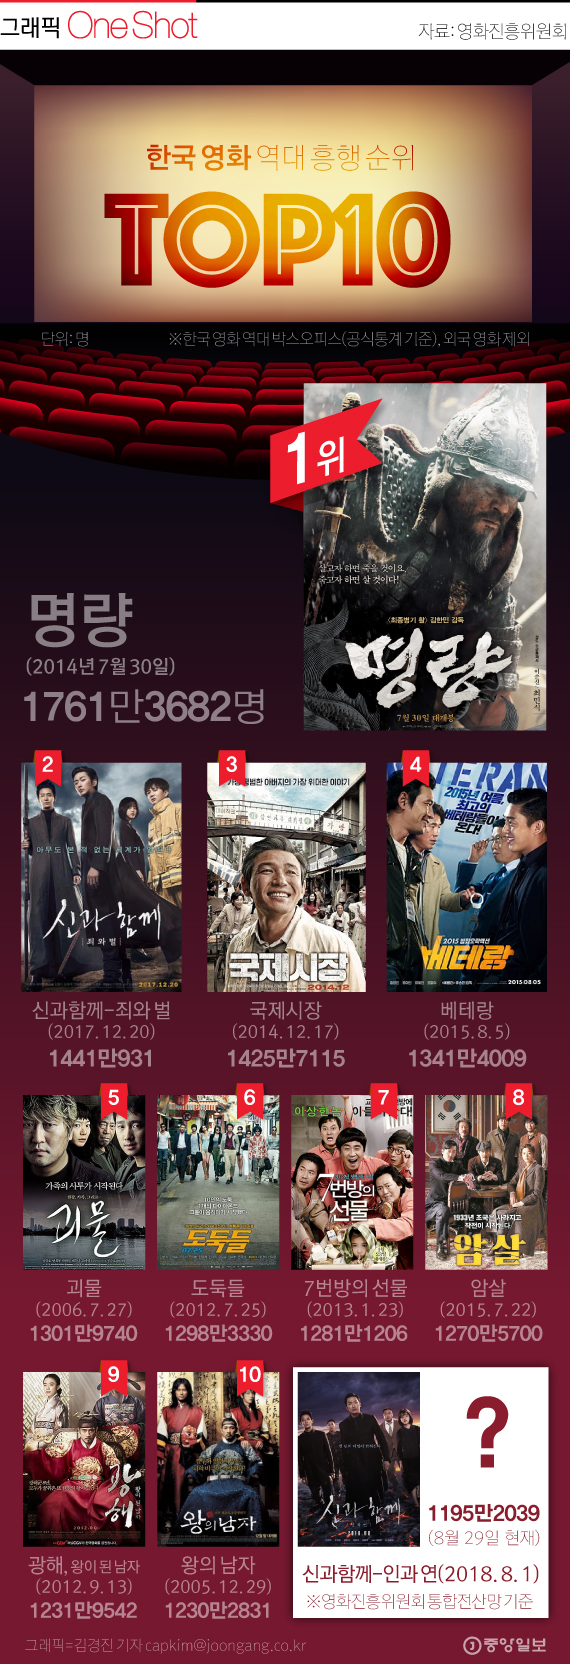 한국 영화 역대 흥행 순위 TOP 10